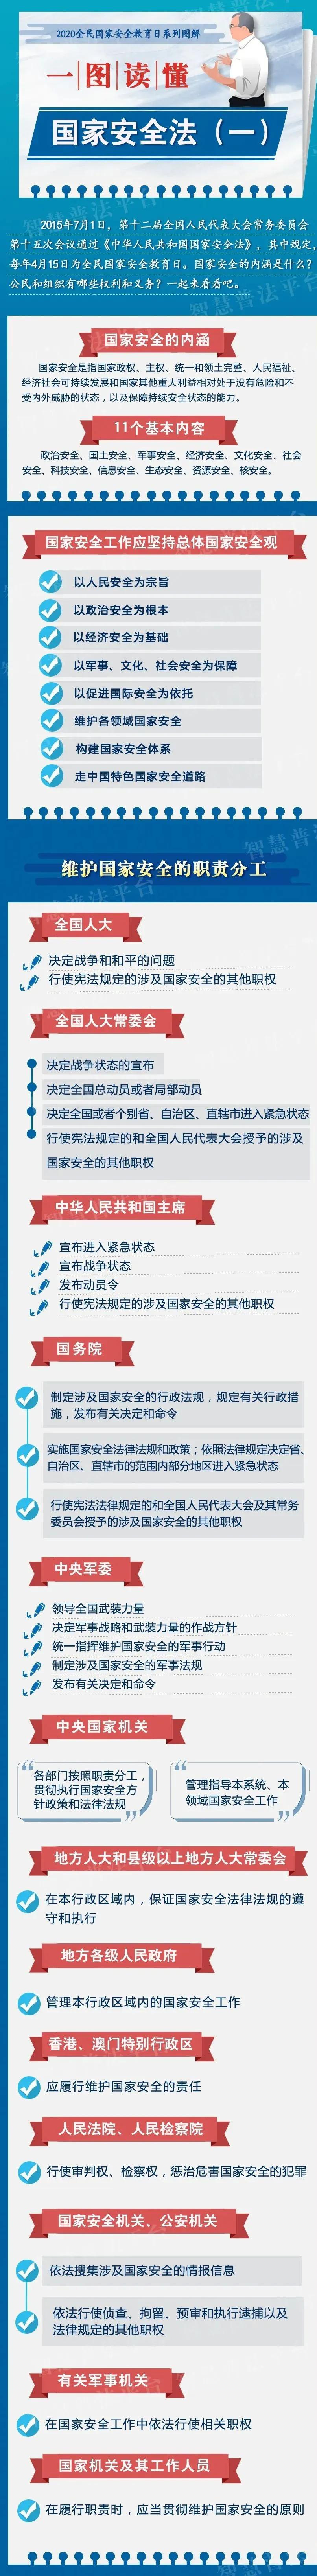 【国安宣传】一图读懂|中华人民共和国国家安全法